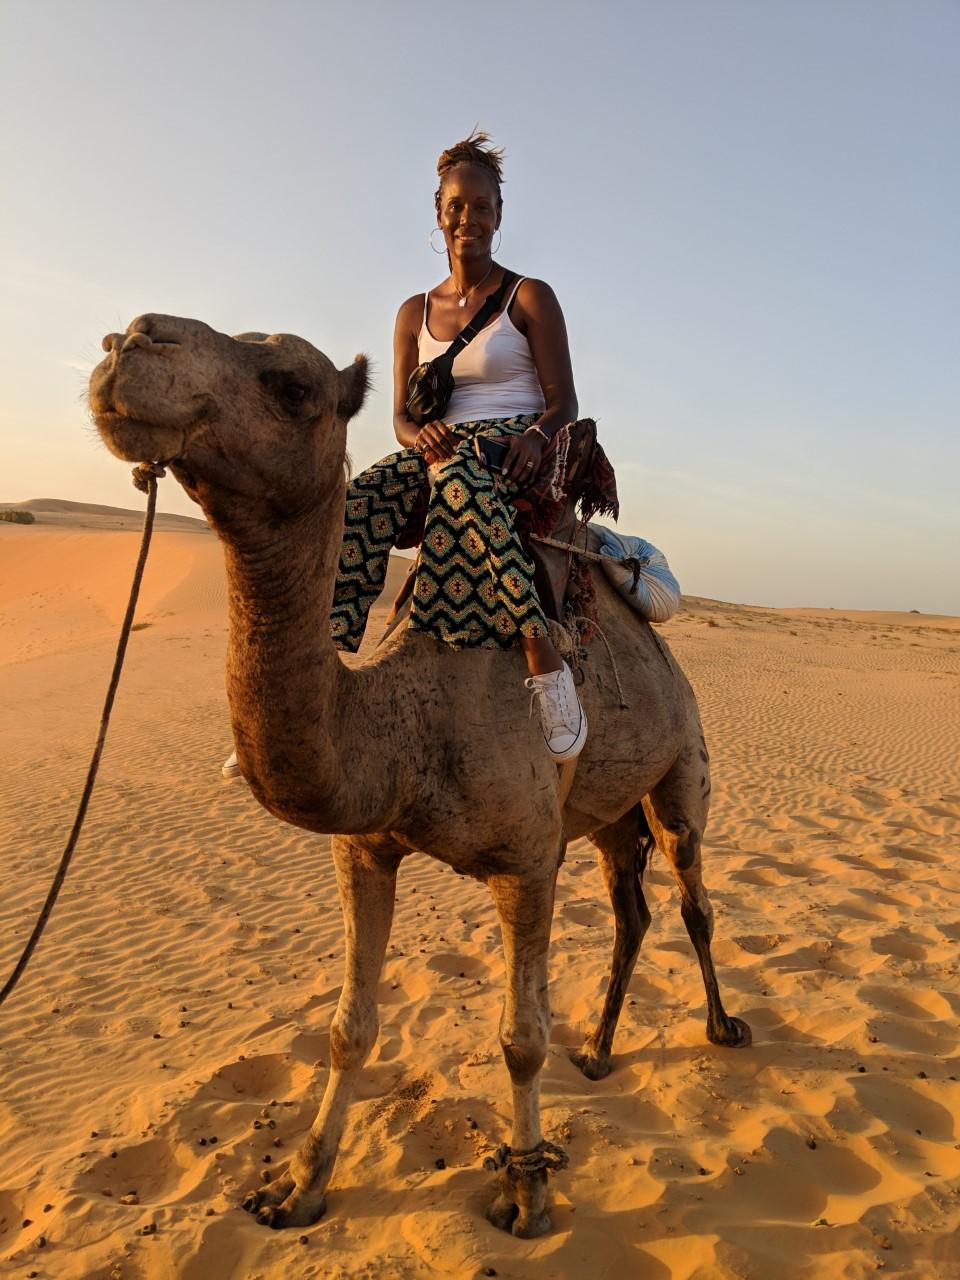 senegal6 - Follow Me On My Trip To Senegal